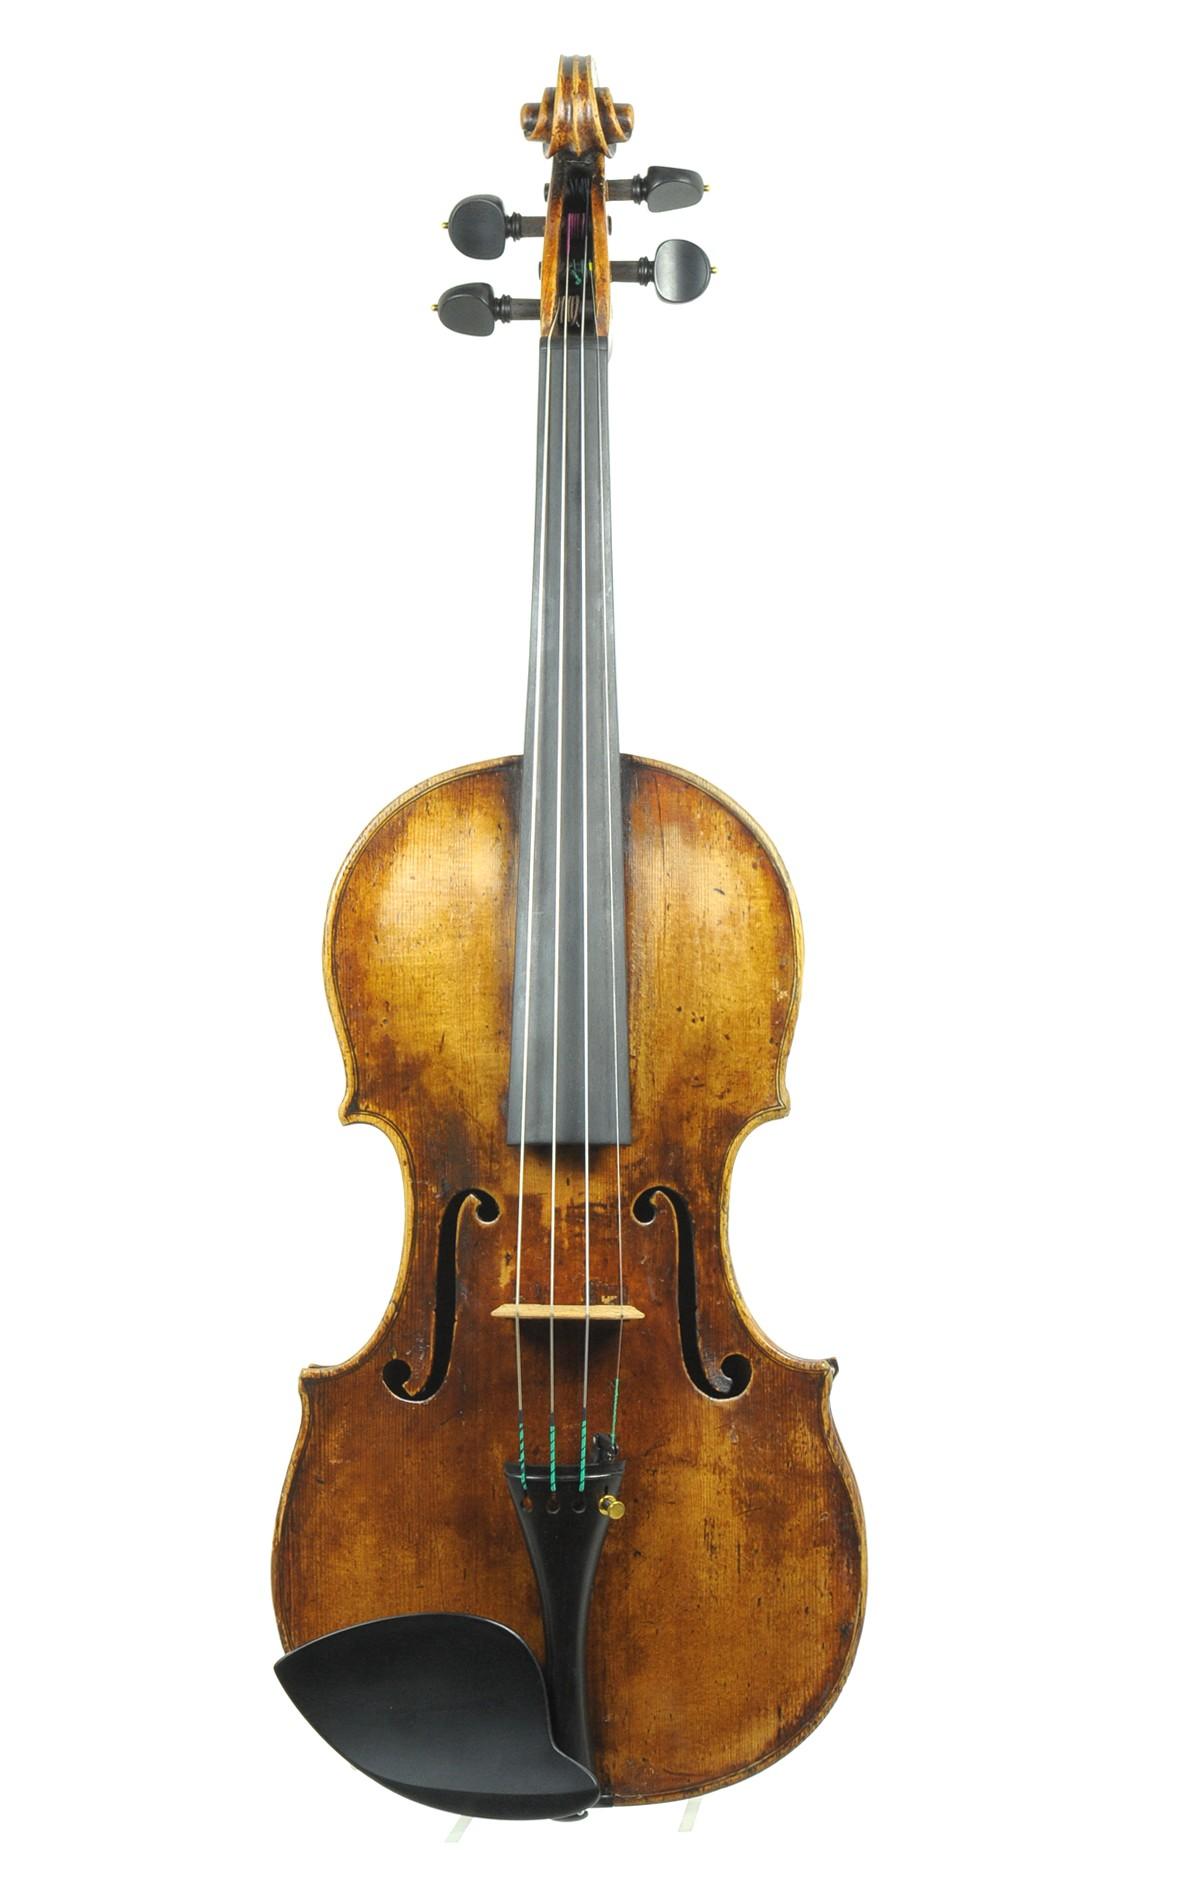 Bartholomäus Karner school, violin of Mittenwald